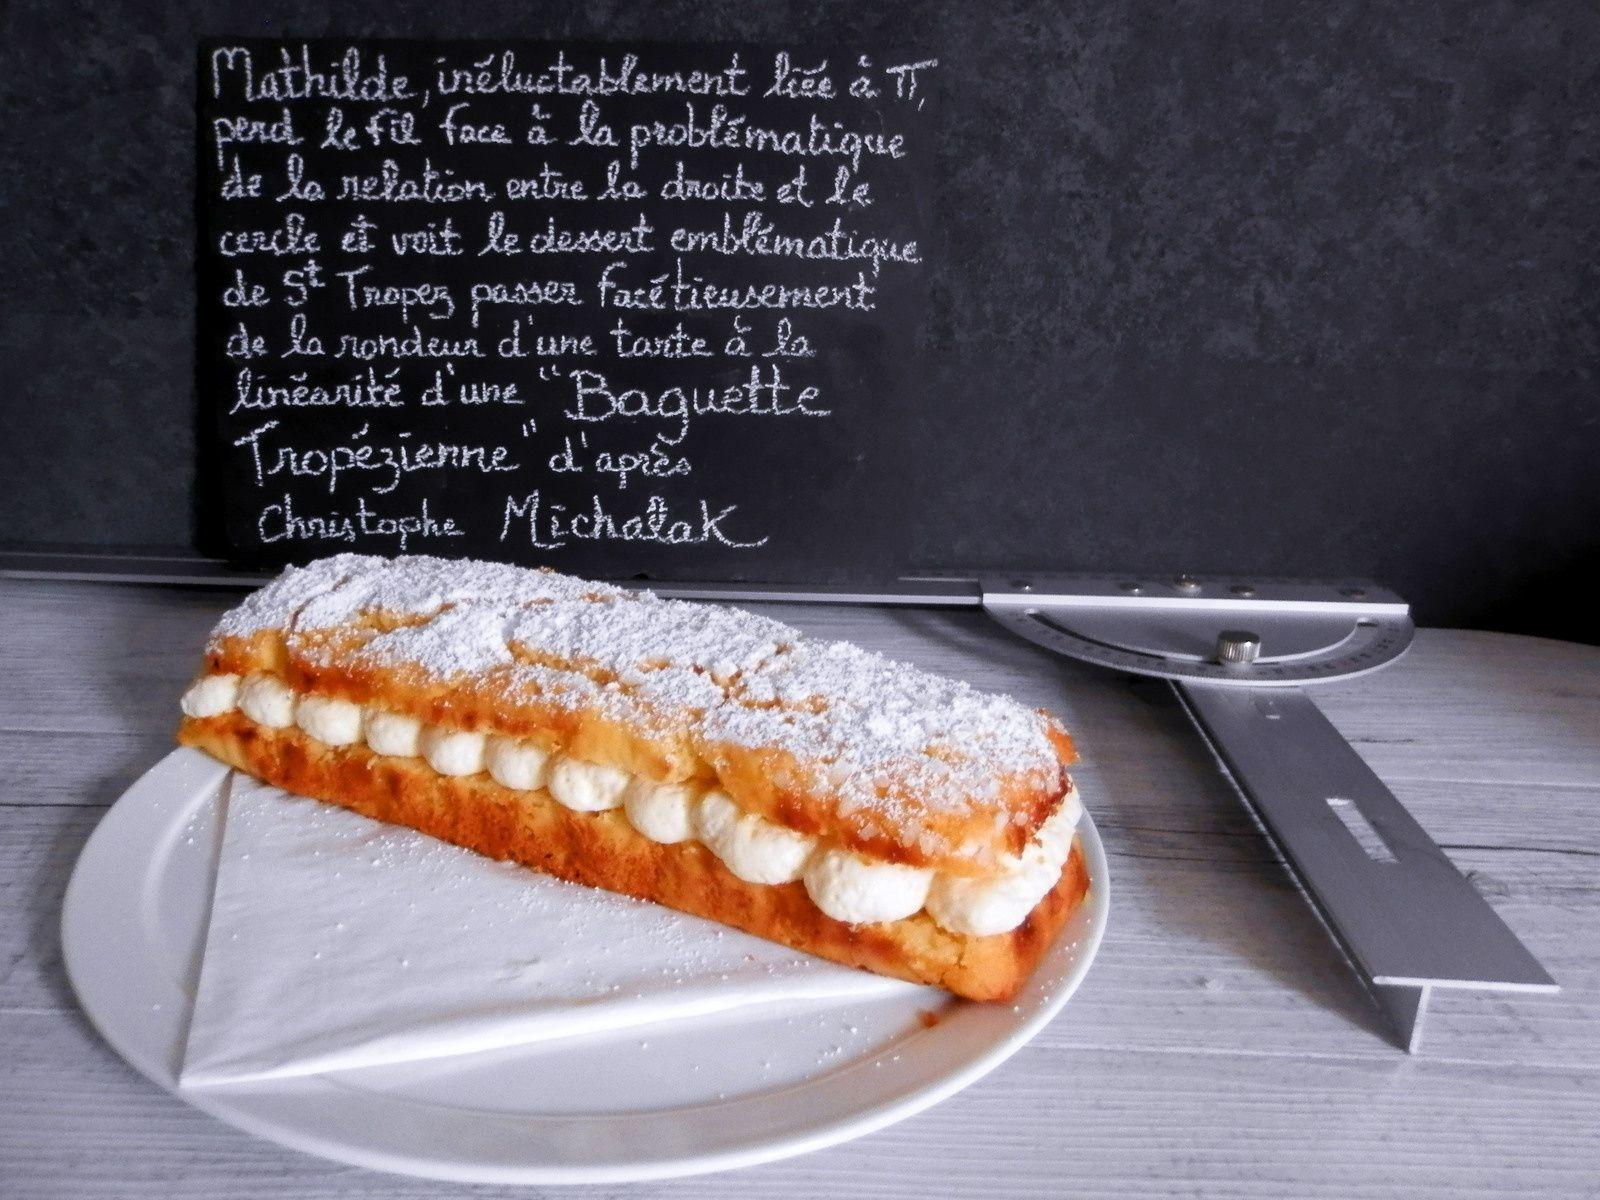 Baguette Tropézienne d'après Christophe Michalak